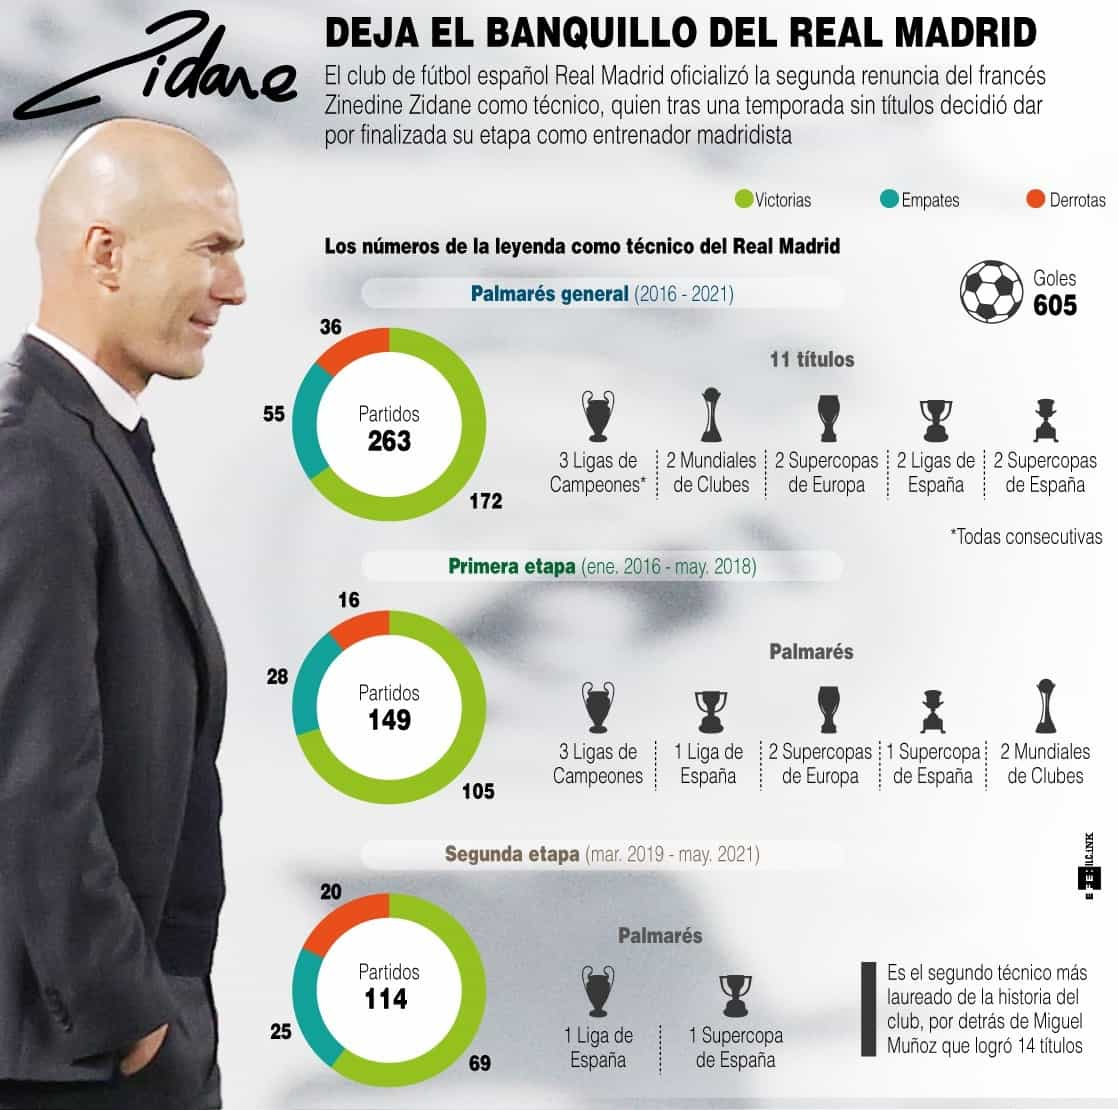 [Infografía] - Zidane, los números de la leyenda 1